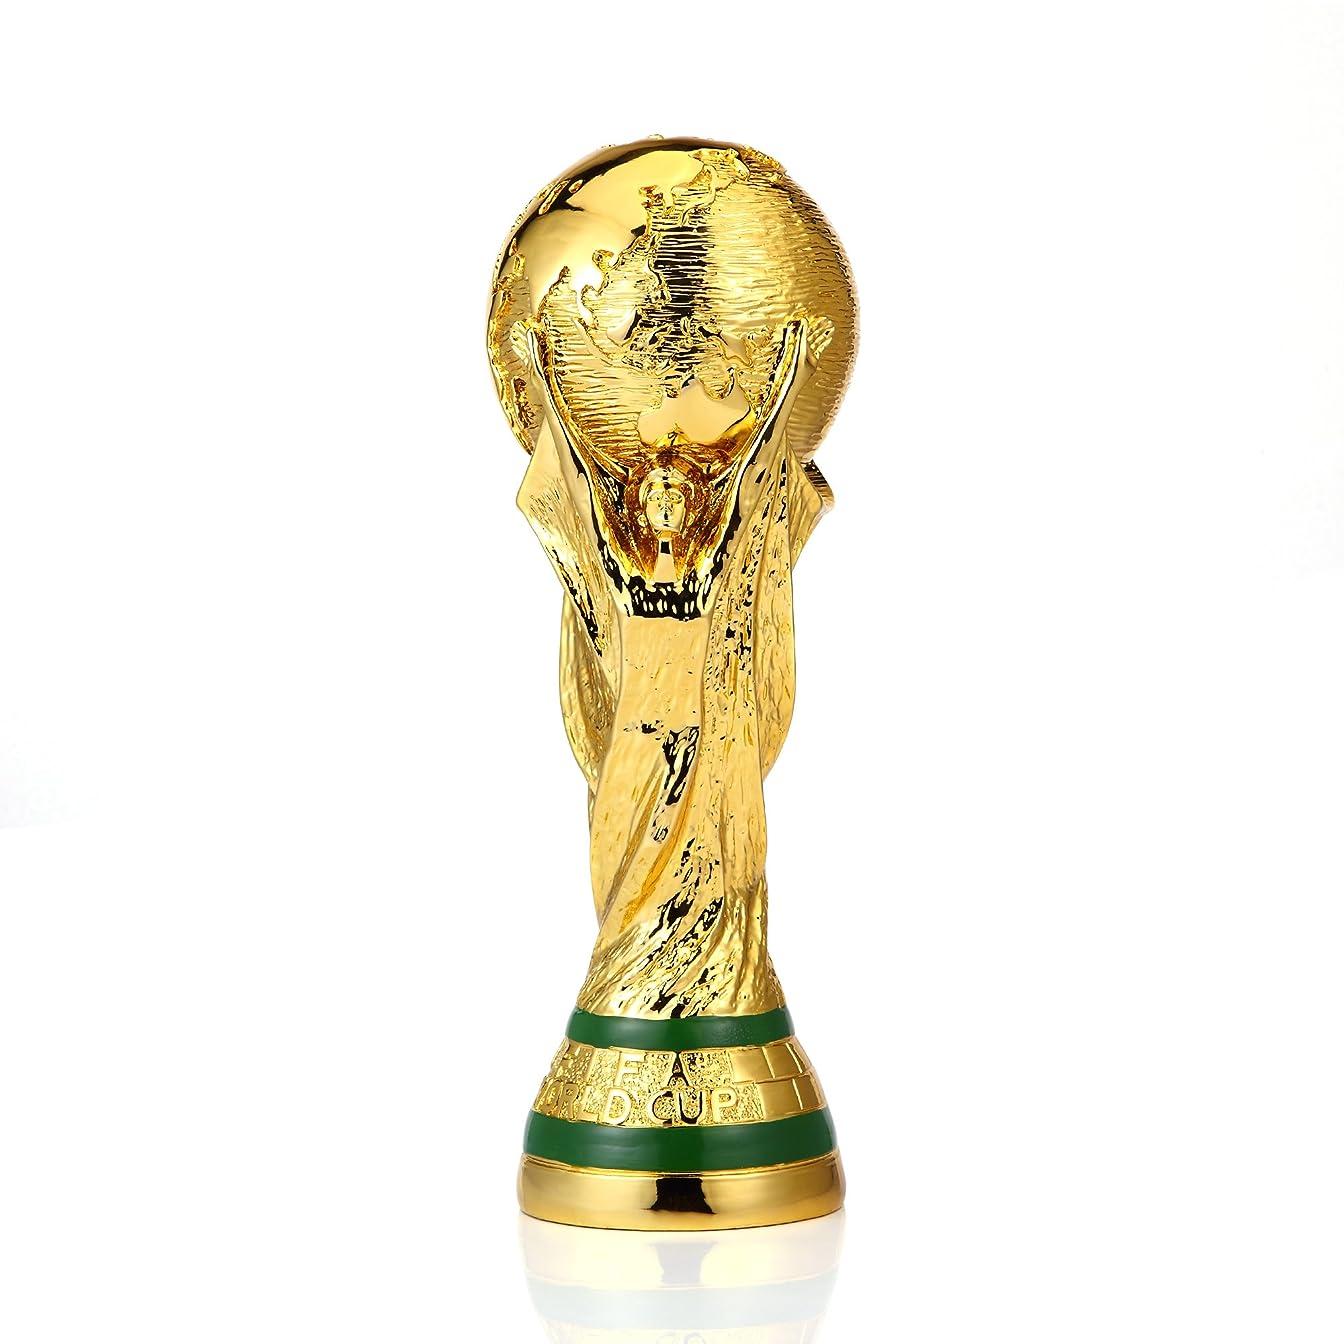 もっと少なく同意オートマトン原寸大 トロフィー レプリカ サッカー ワールドカップ 優勝トロフィー MGC JAPAN TRADE